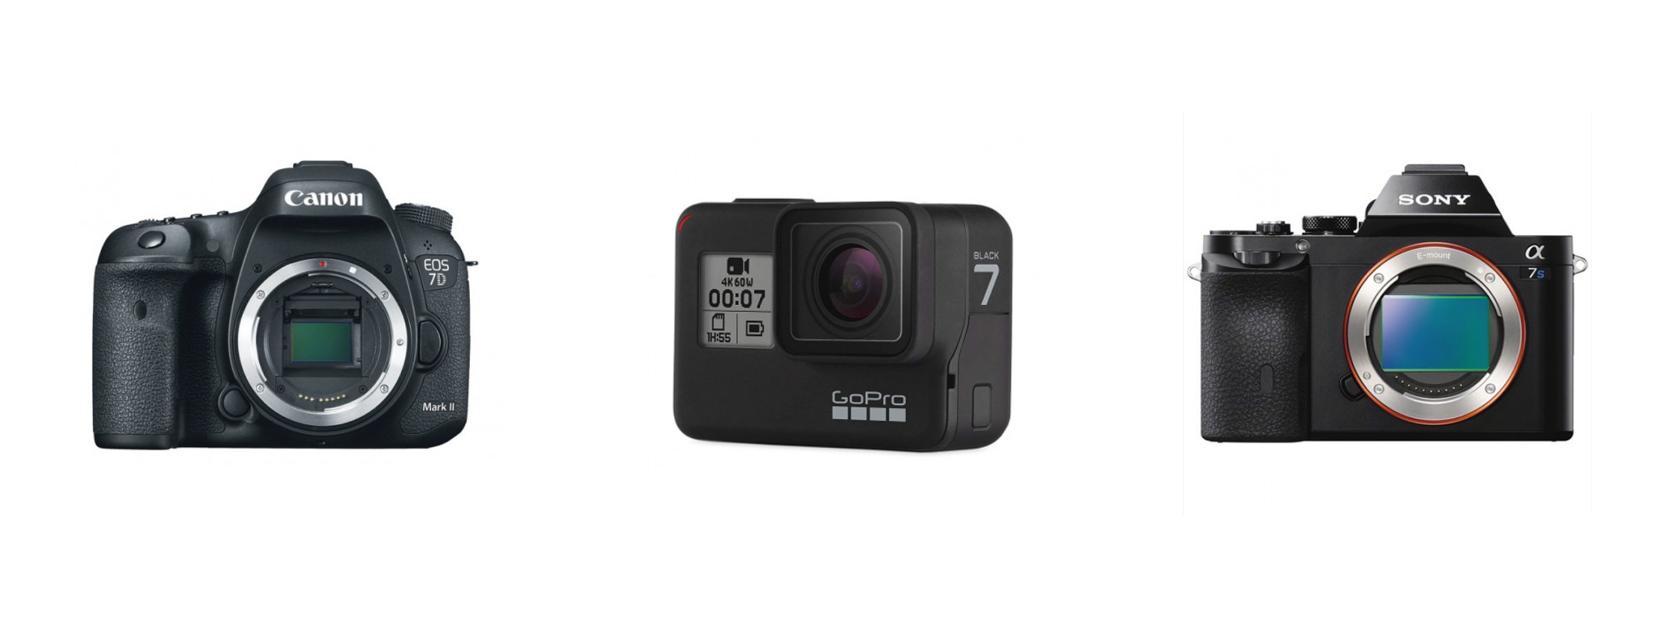 Cameras for live stream